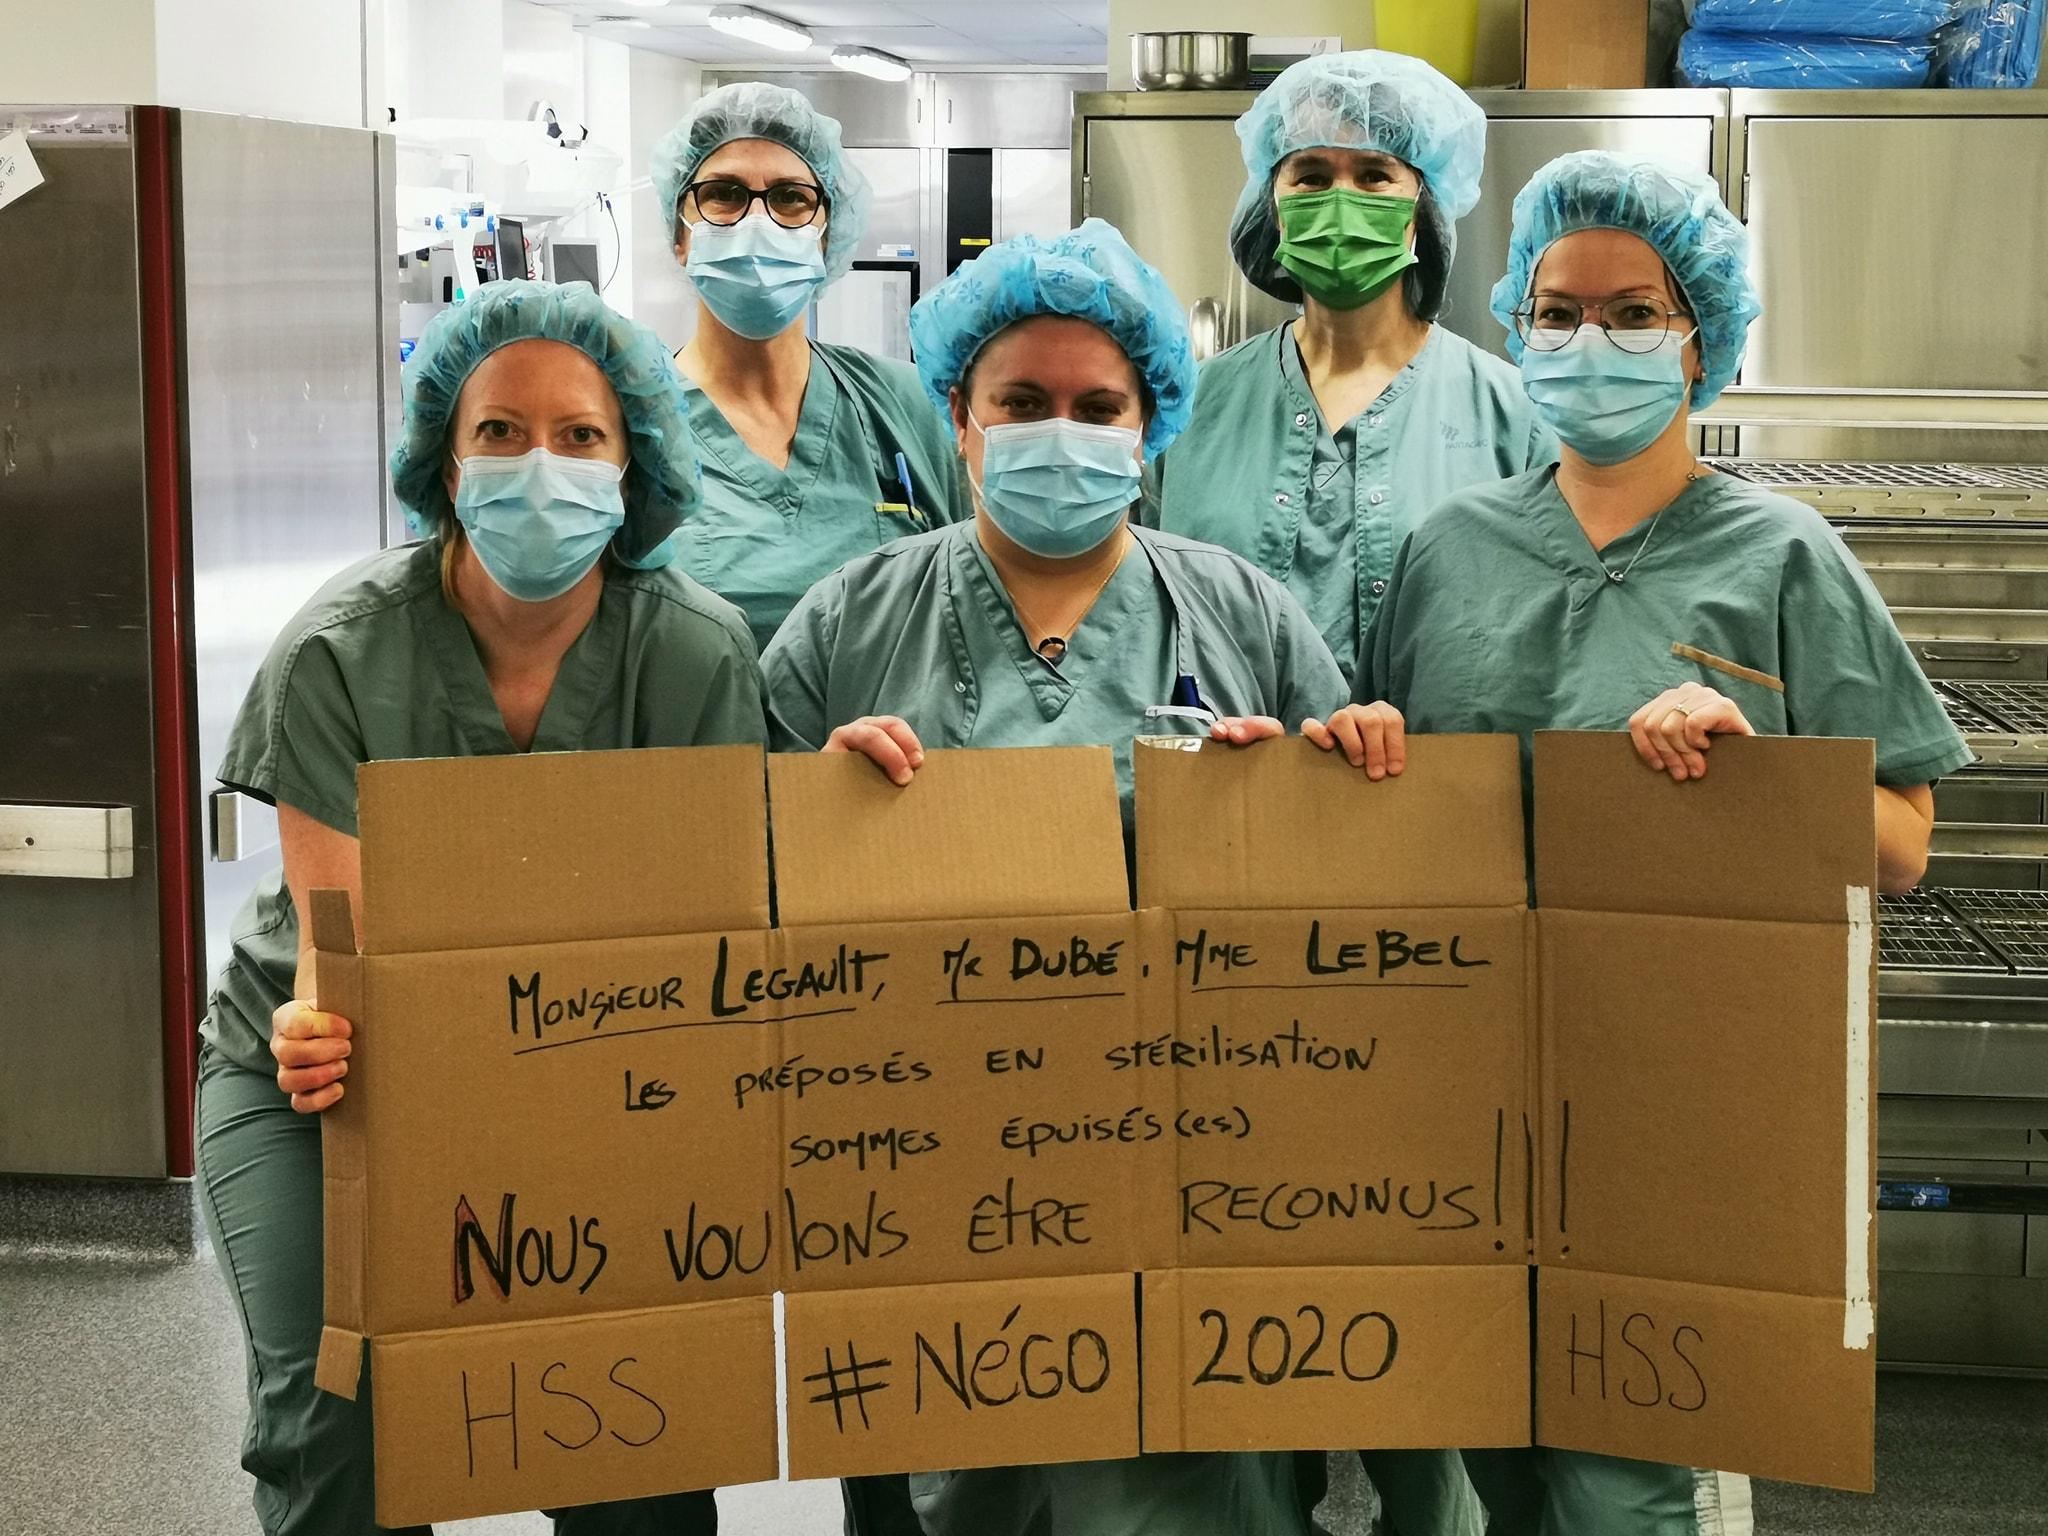 Le personnel en retraitement des dispositifs médicaux demande reconnaissance et respect